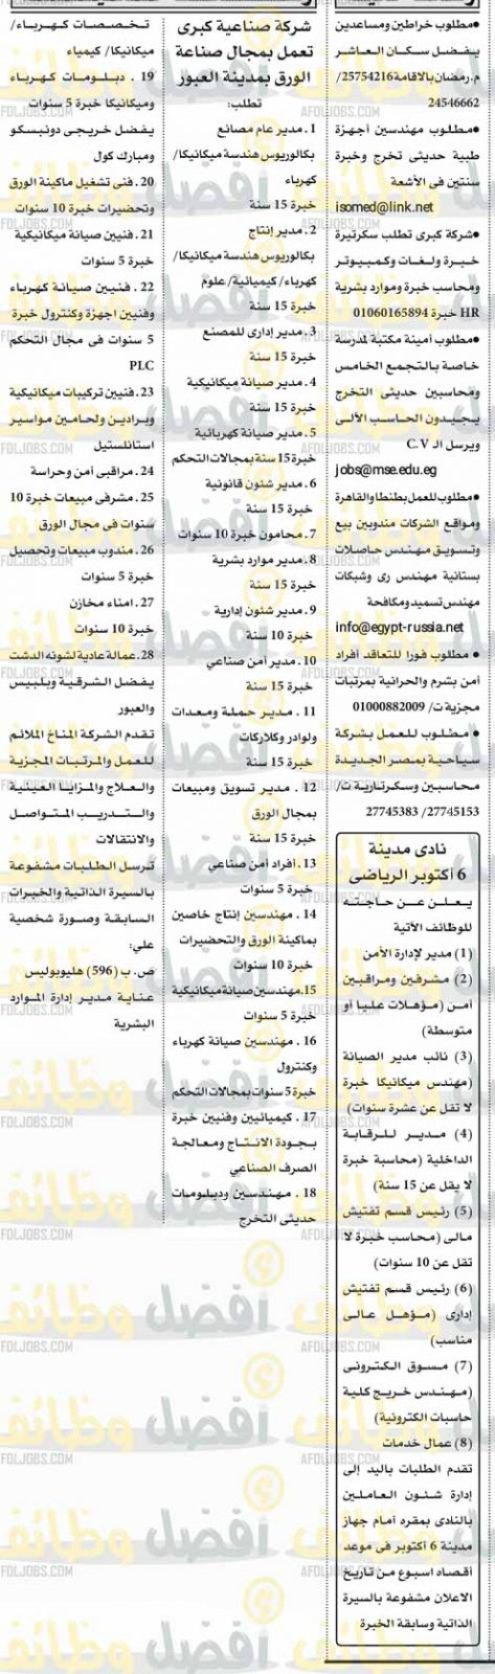 وظائف جريدة الاهرام العدد الاسبوعى الجمعة الموافق 26-1-2018 لجميع المؤهلات والتخصصات بمختلف محافظات مصر